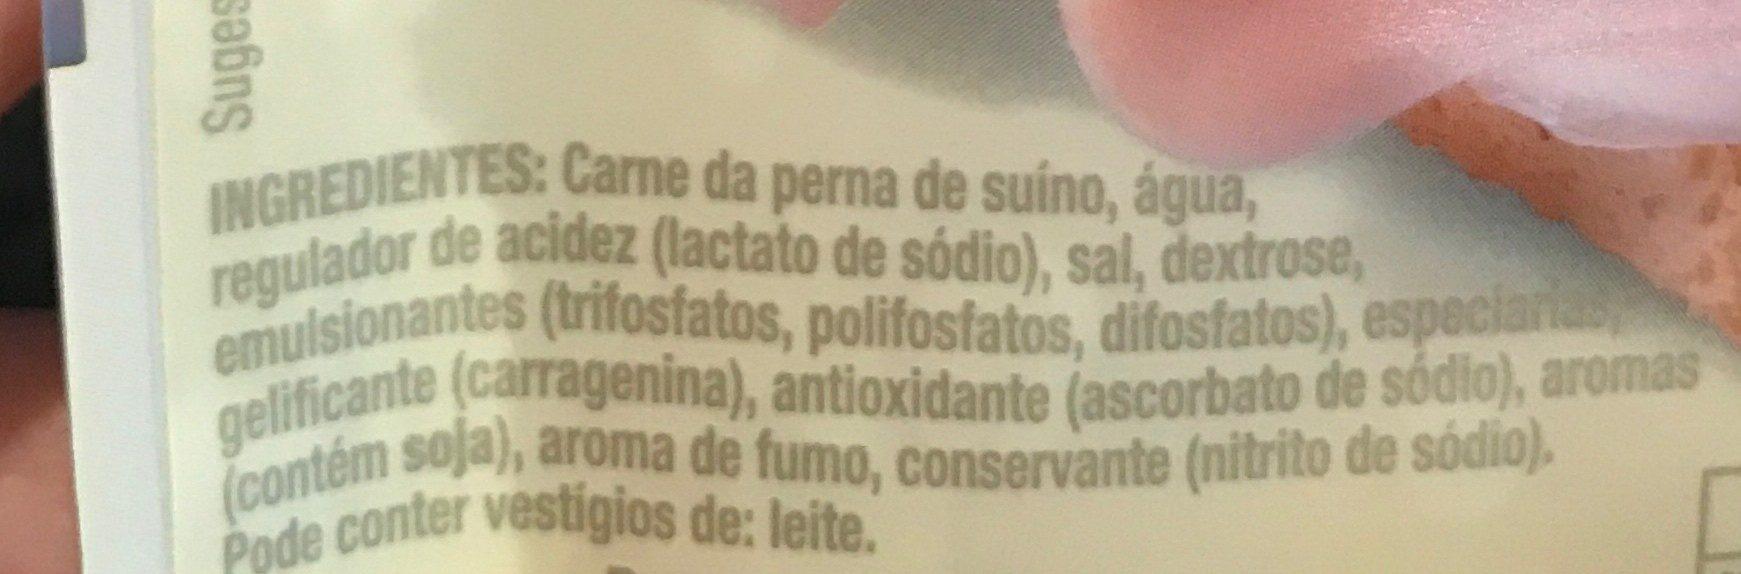 Fiambre da perna extra - Ingrediënten